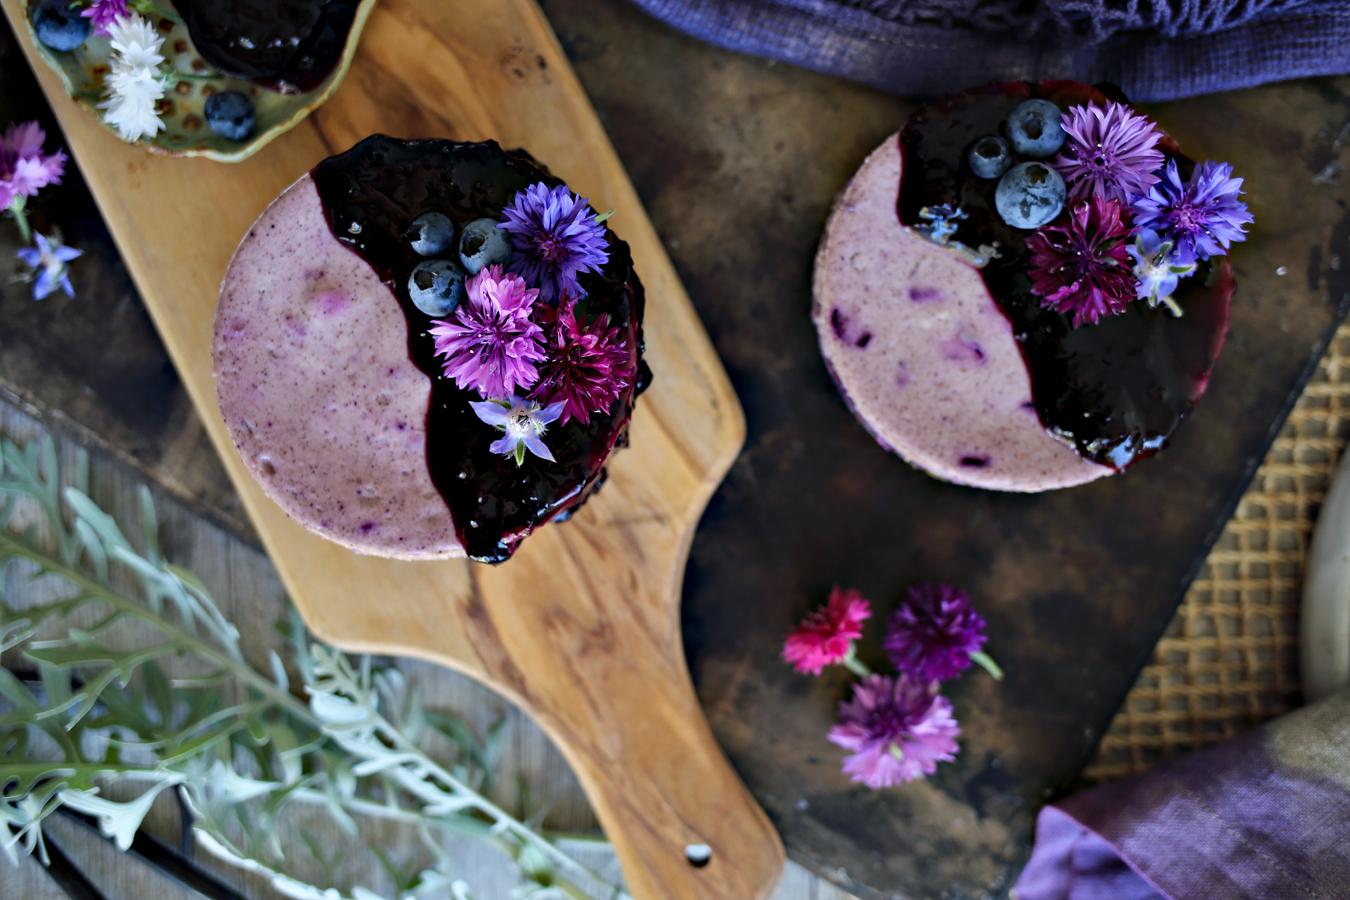 04_ALT-Blueberry-Cheesecake-Dine-X-Design.jpg